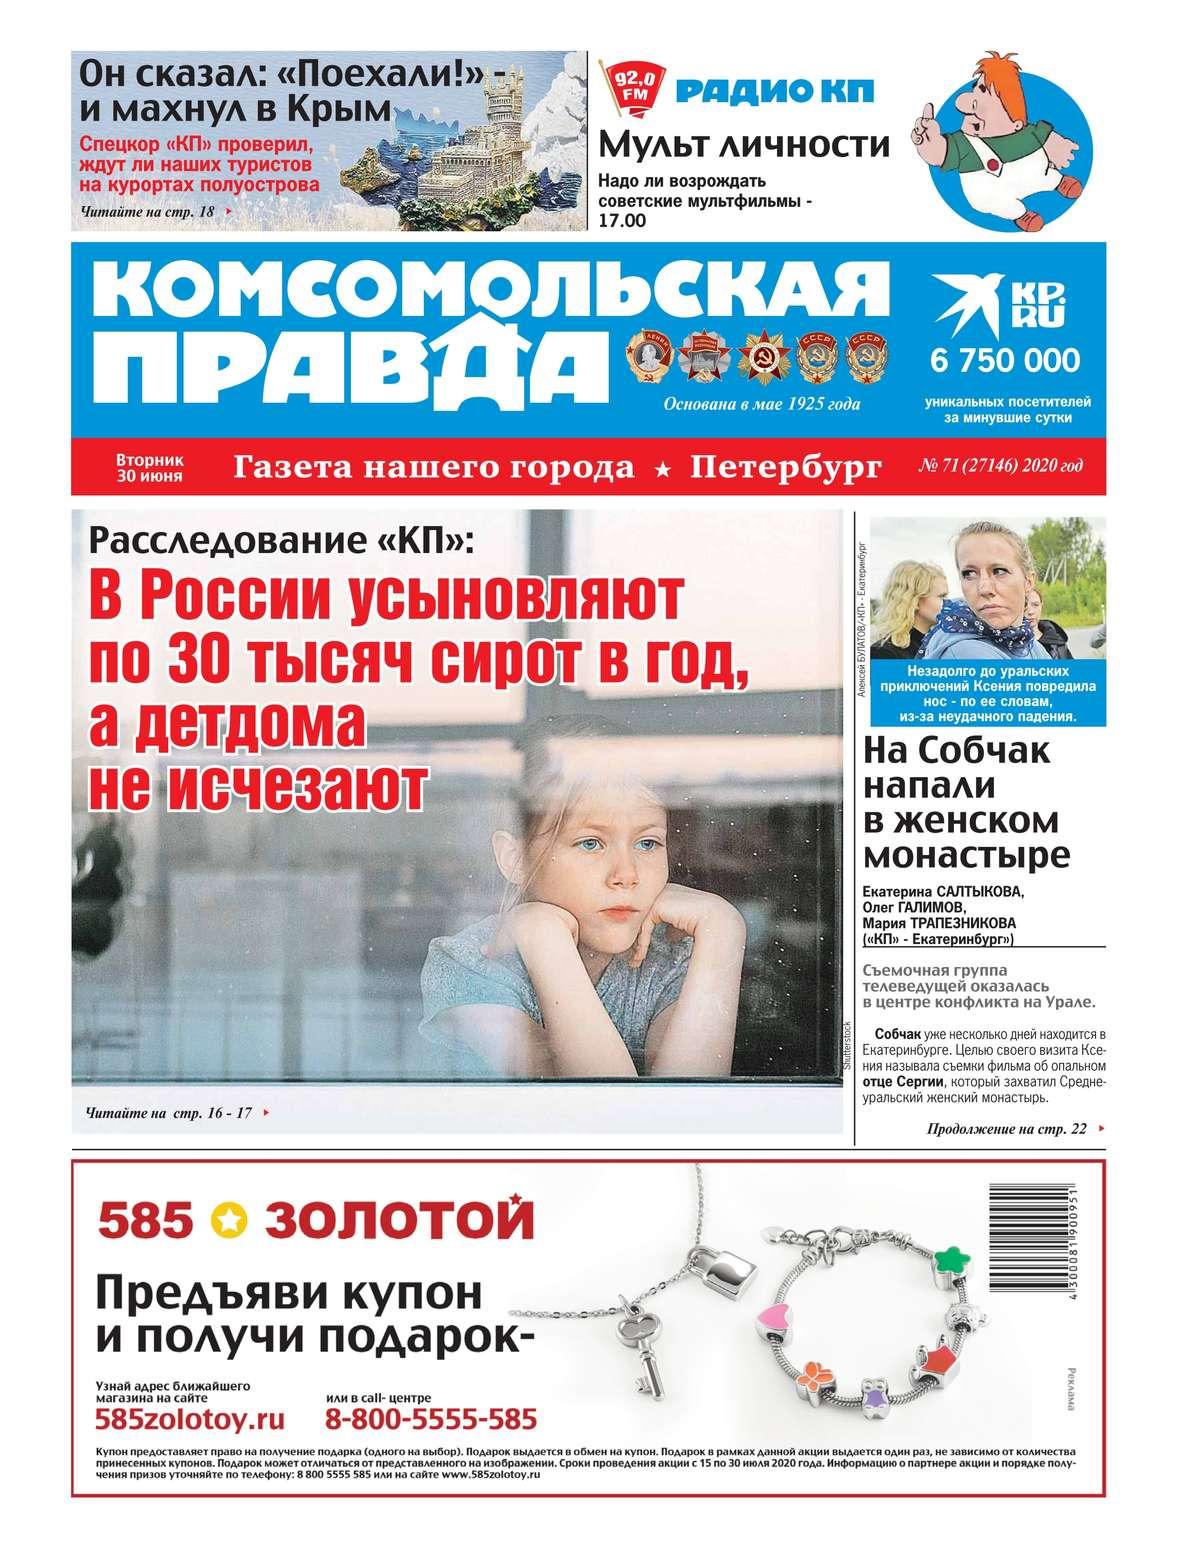 Комсомольская Правда. Санкт-Петербург 71-2020